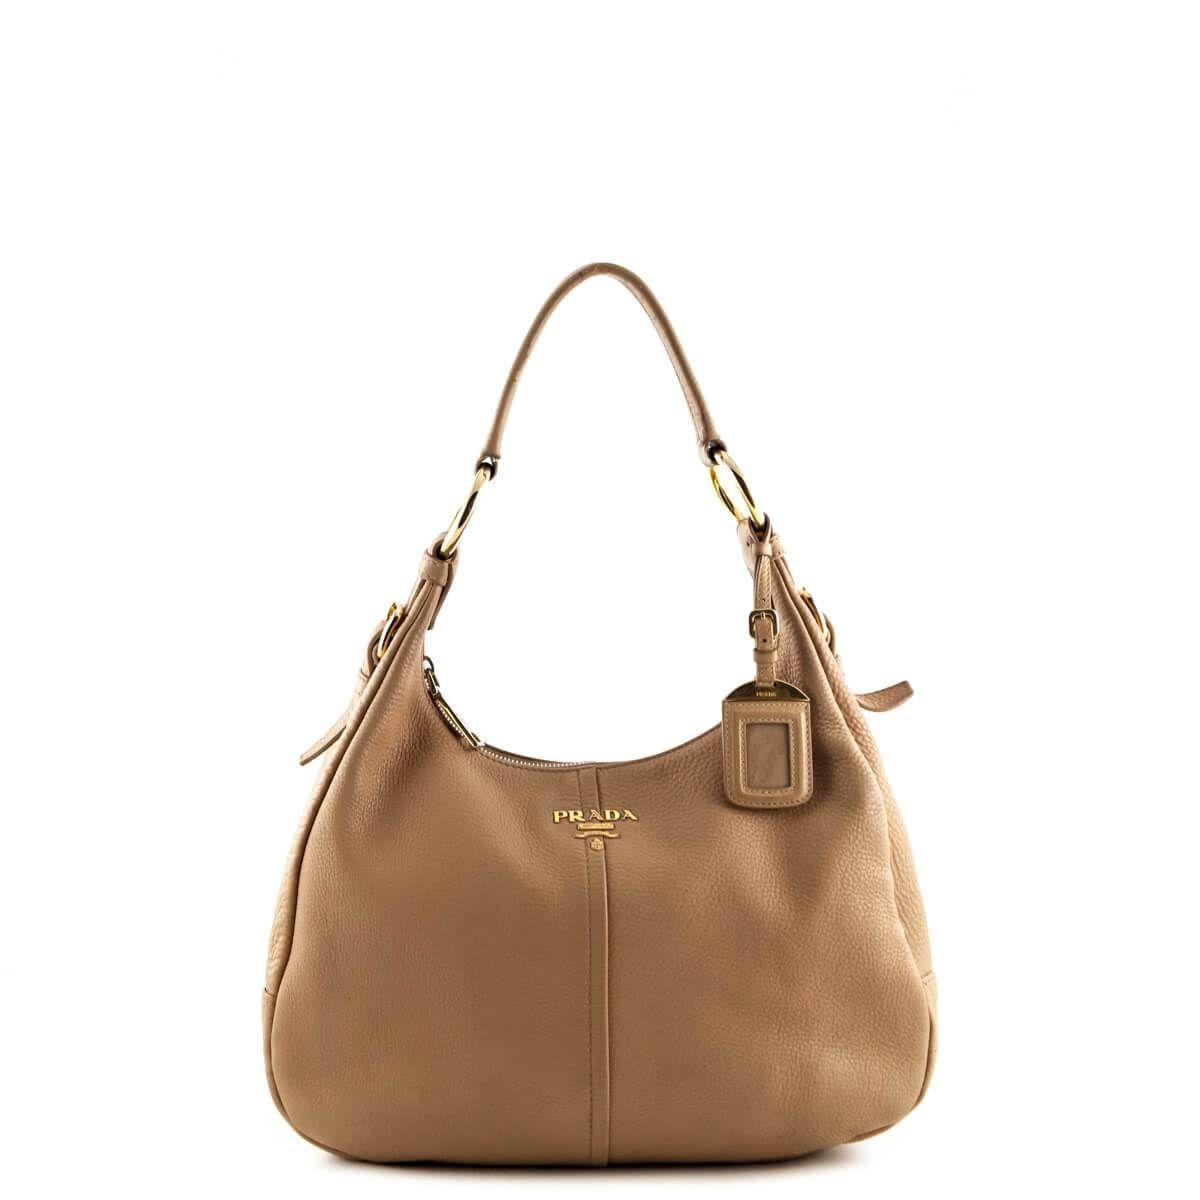 85791088d189 ... wholesale prada beige vitello daino hobo shoulder bag 750 cad 1c185  f3b65 inexpensive prada tessuto black nylon ...